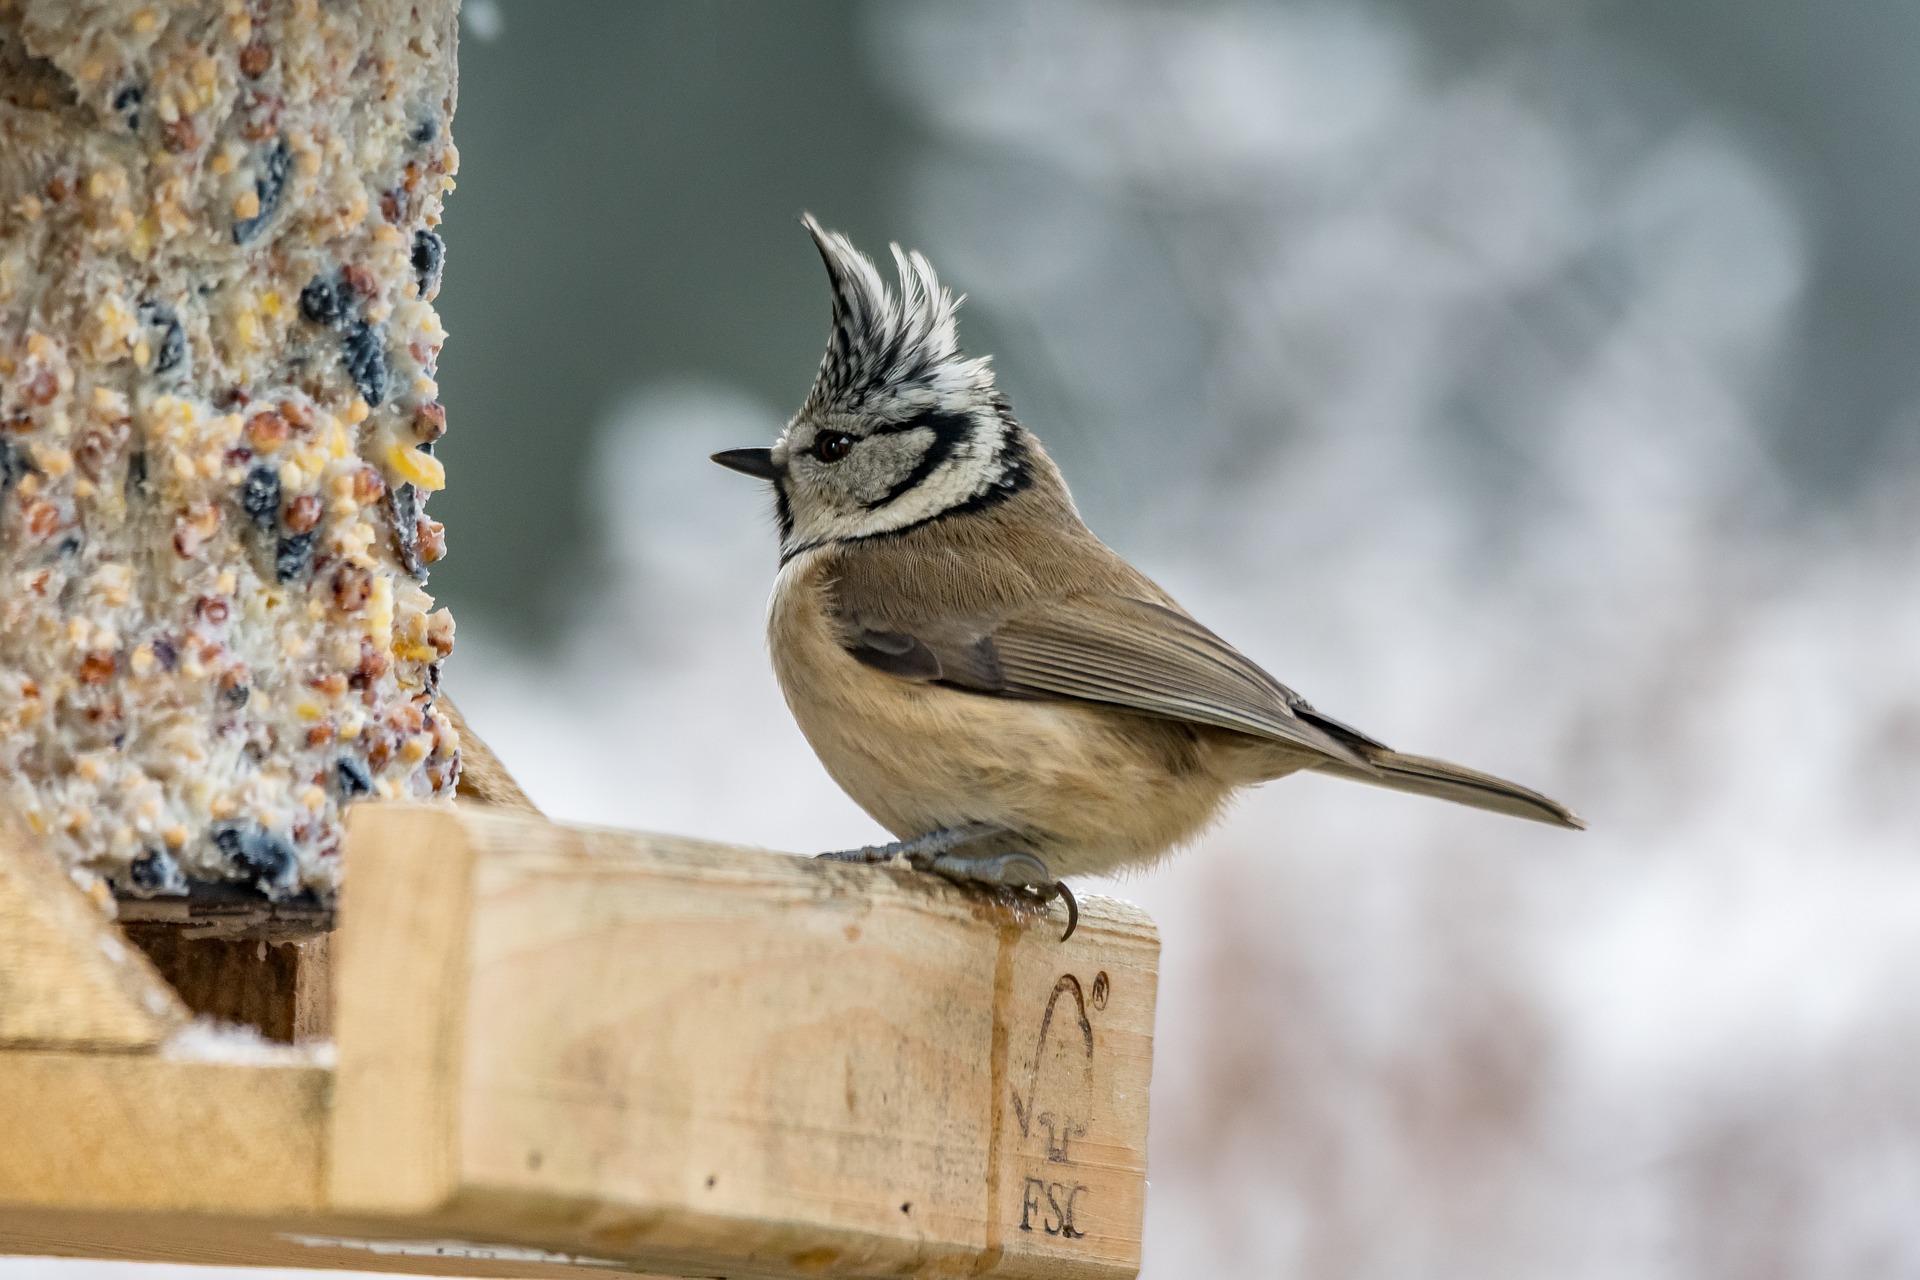 Vögel brauchen bei Kälte Futter und etwas zu trinken